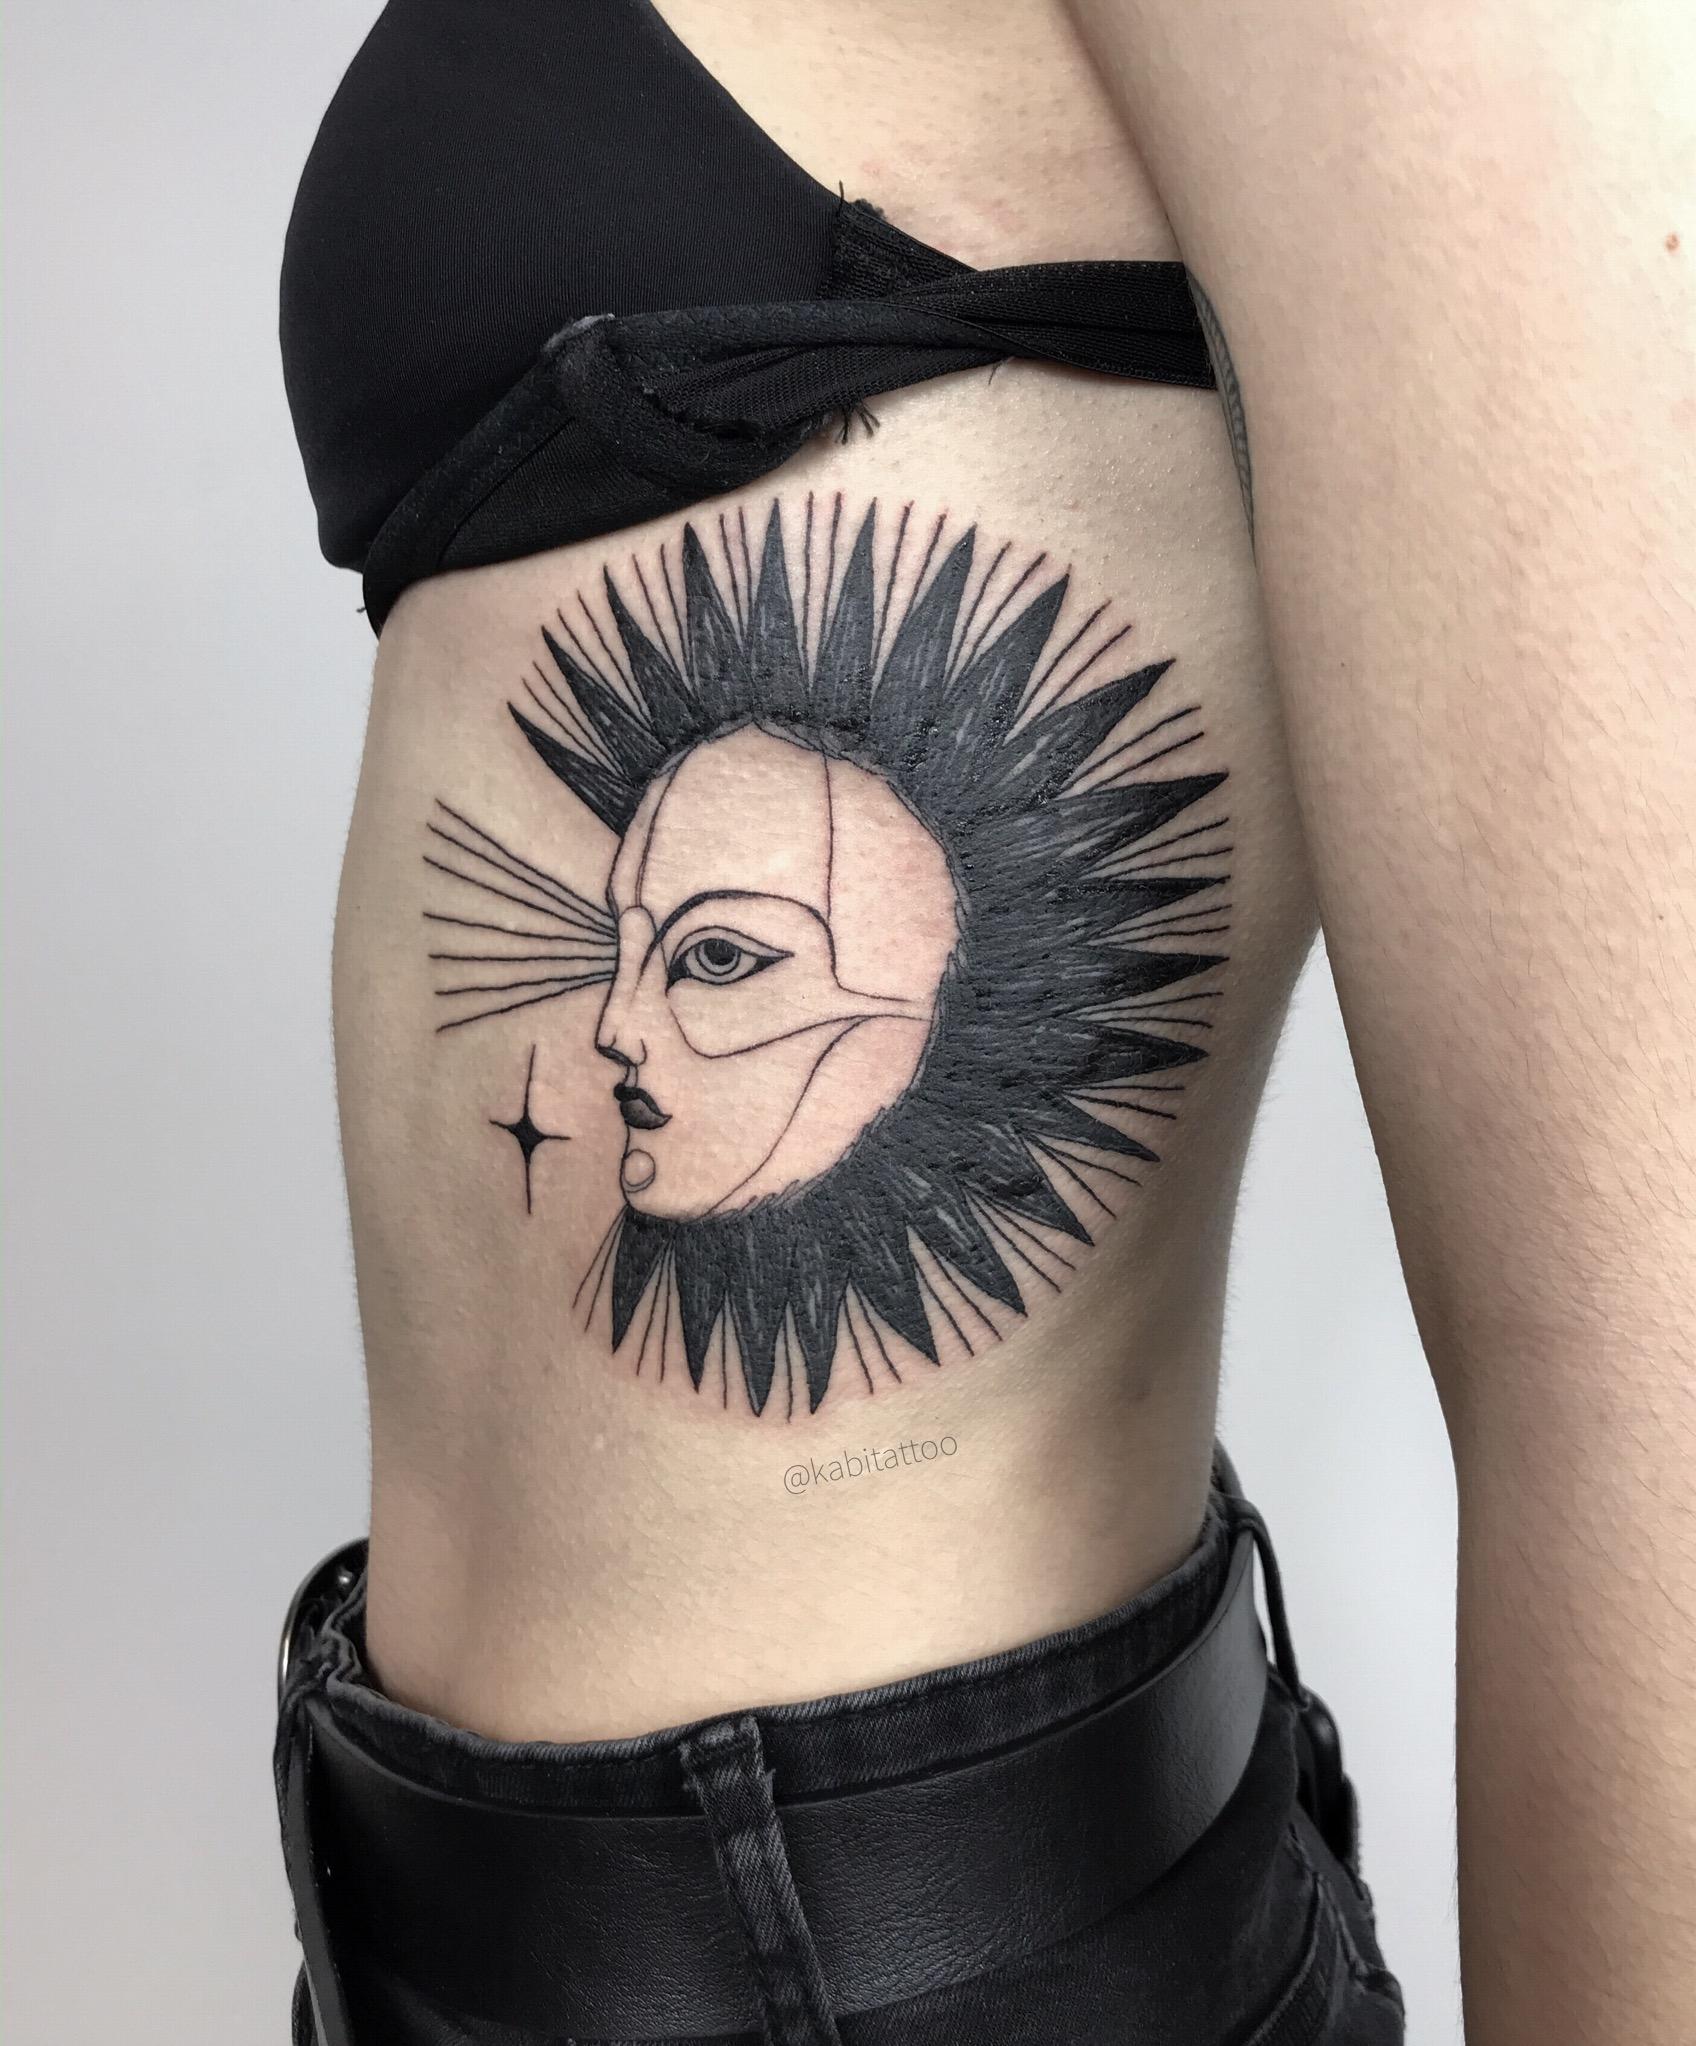 Inksearch tattoo Polina Kabi